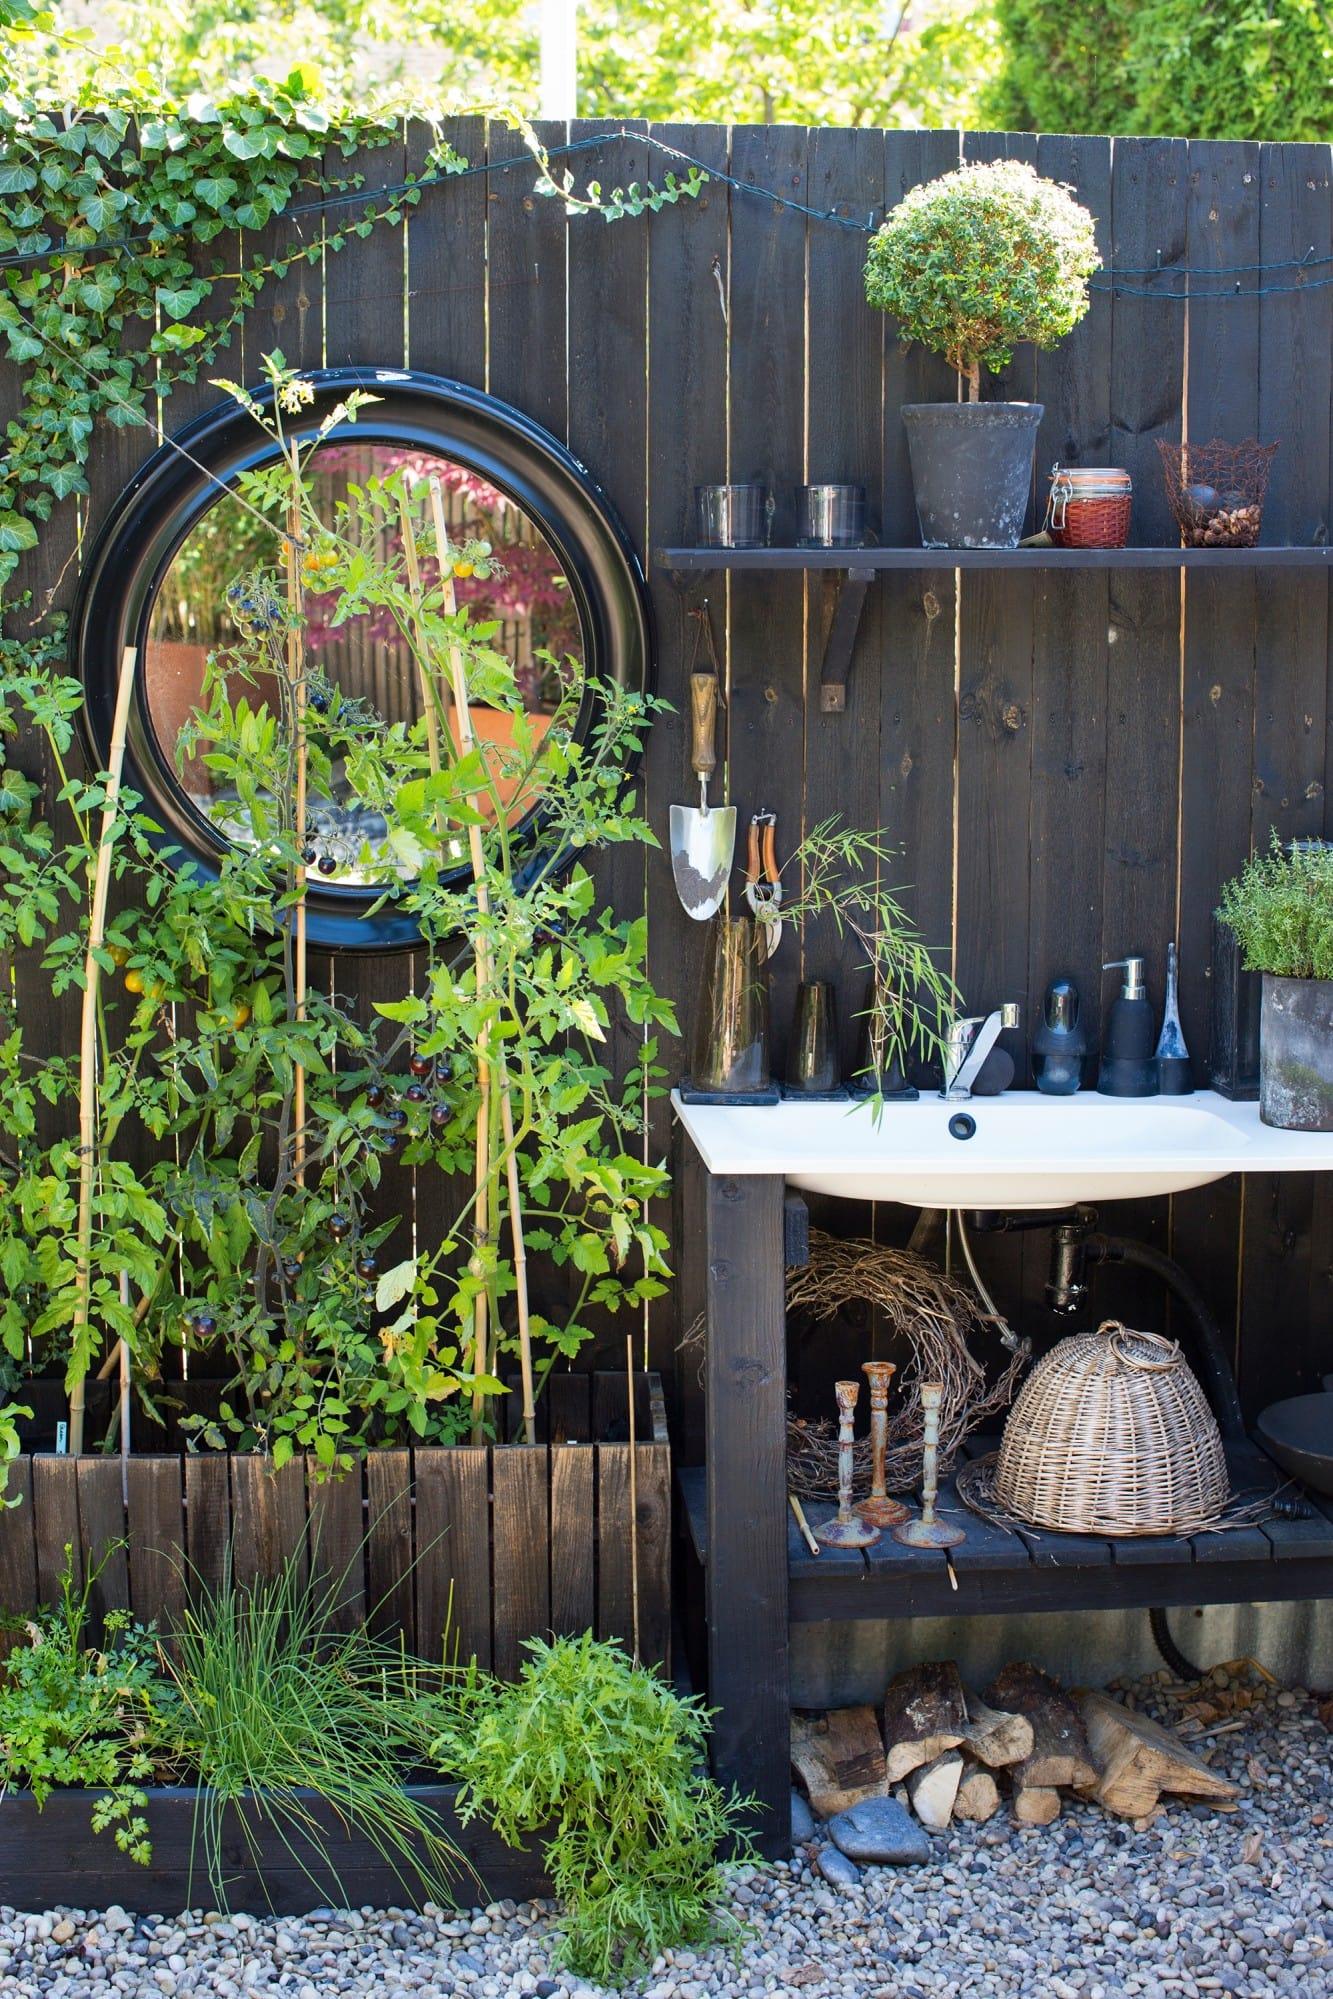 Mot det solvarma planket odlar Anders tomater, sallad och örter. Ikeavasken, där grönsakerna sköljs, fick ett hemmasnickrat underrede.